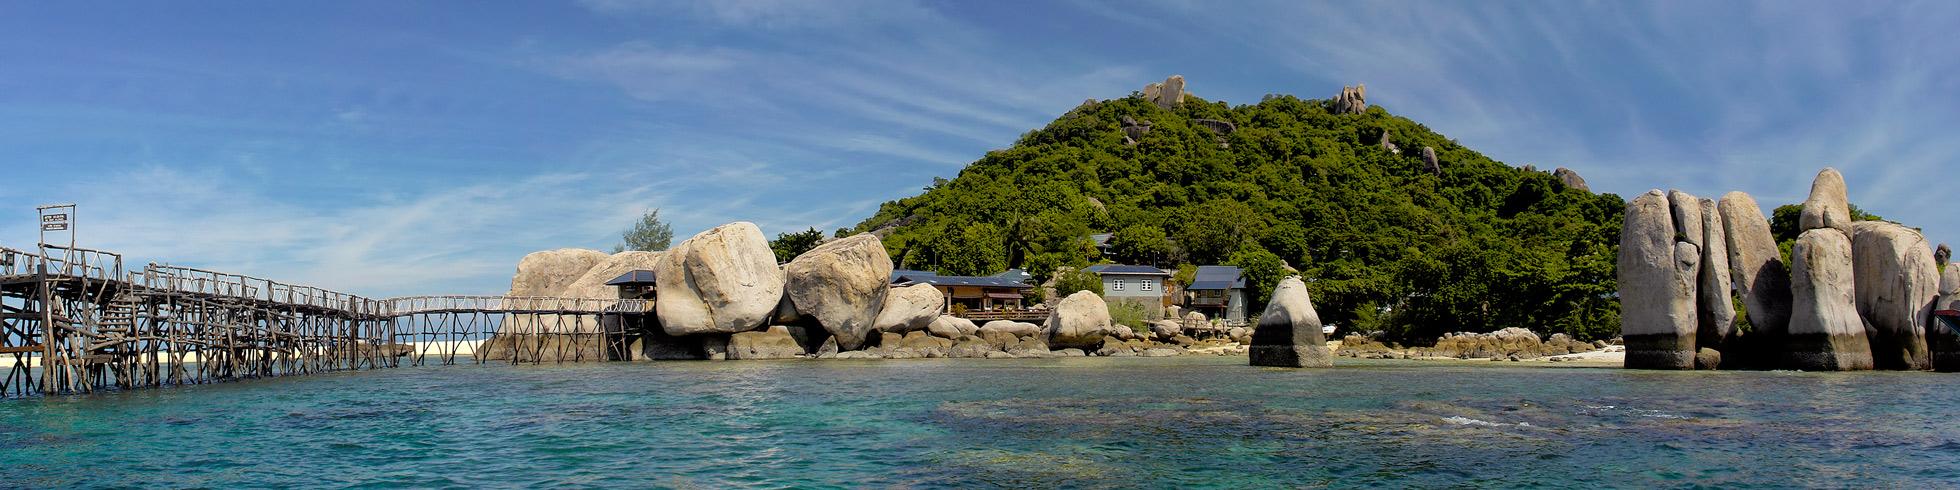 Insel Koh Pha Ngan